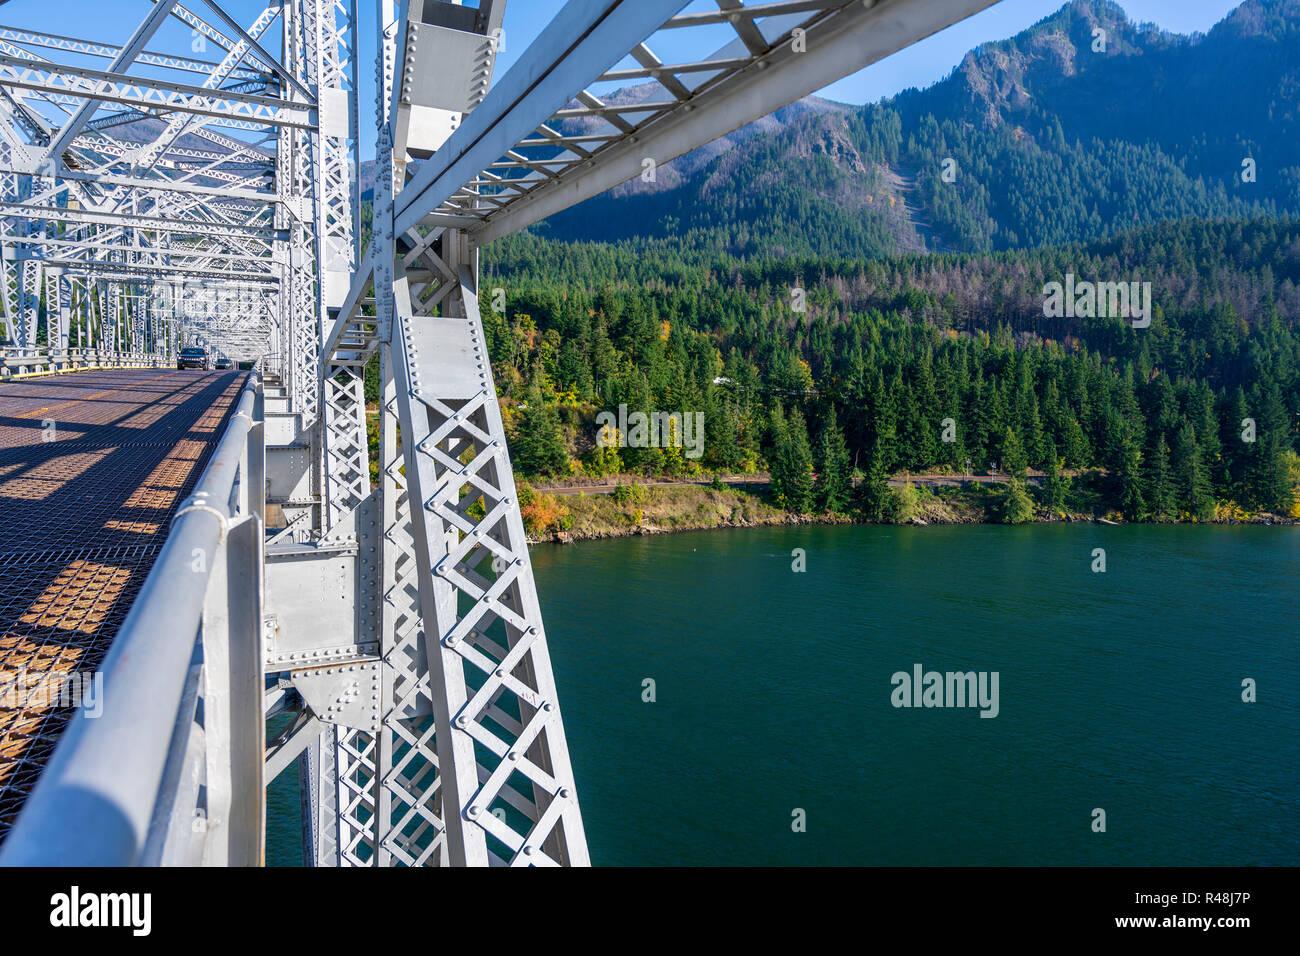 Il ponte di travatura reticolare di Dio oltre il fiume Columbia è situato in una pittoresca zona di Columbia Gorge con colline e montagne rocciose forest - coperto da un Foto Stock